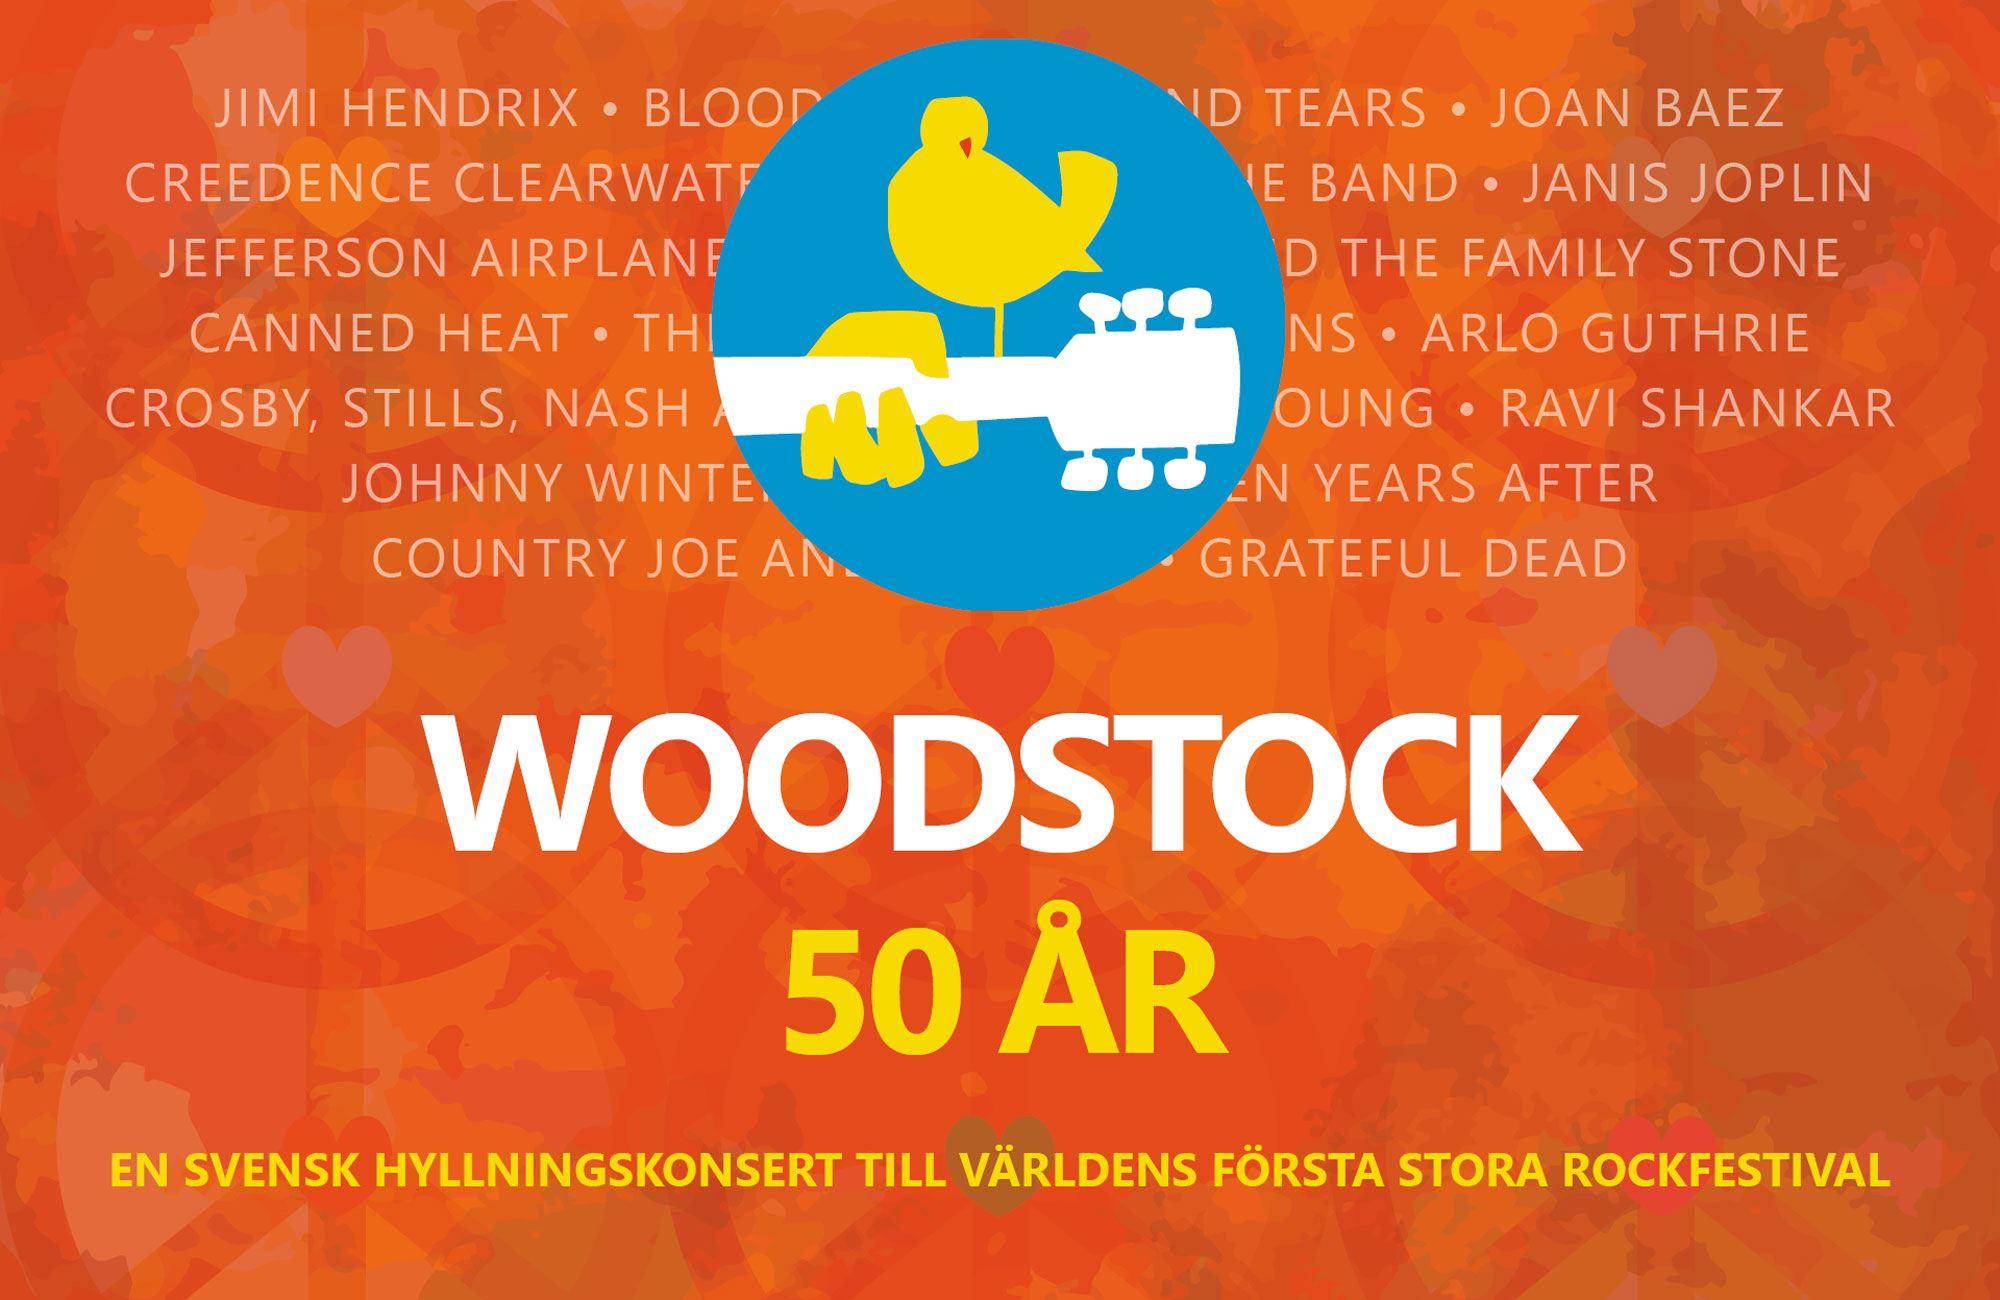 WOODSTOCK 50ÅR